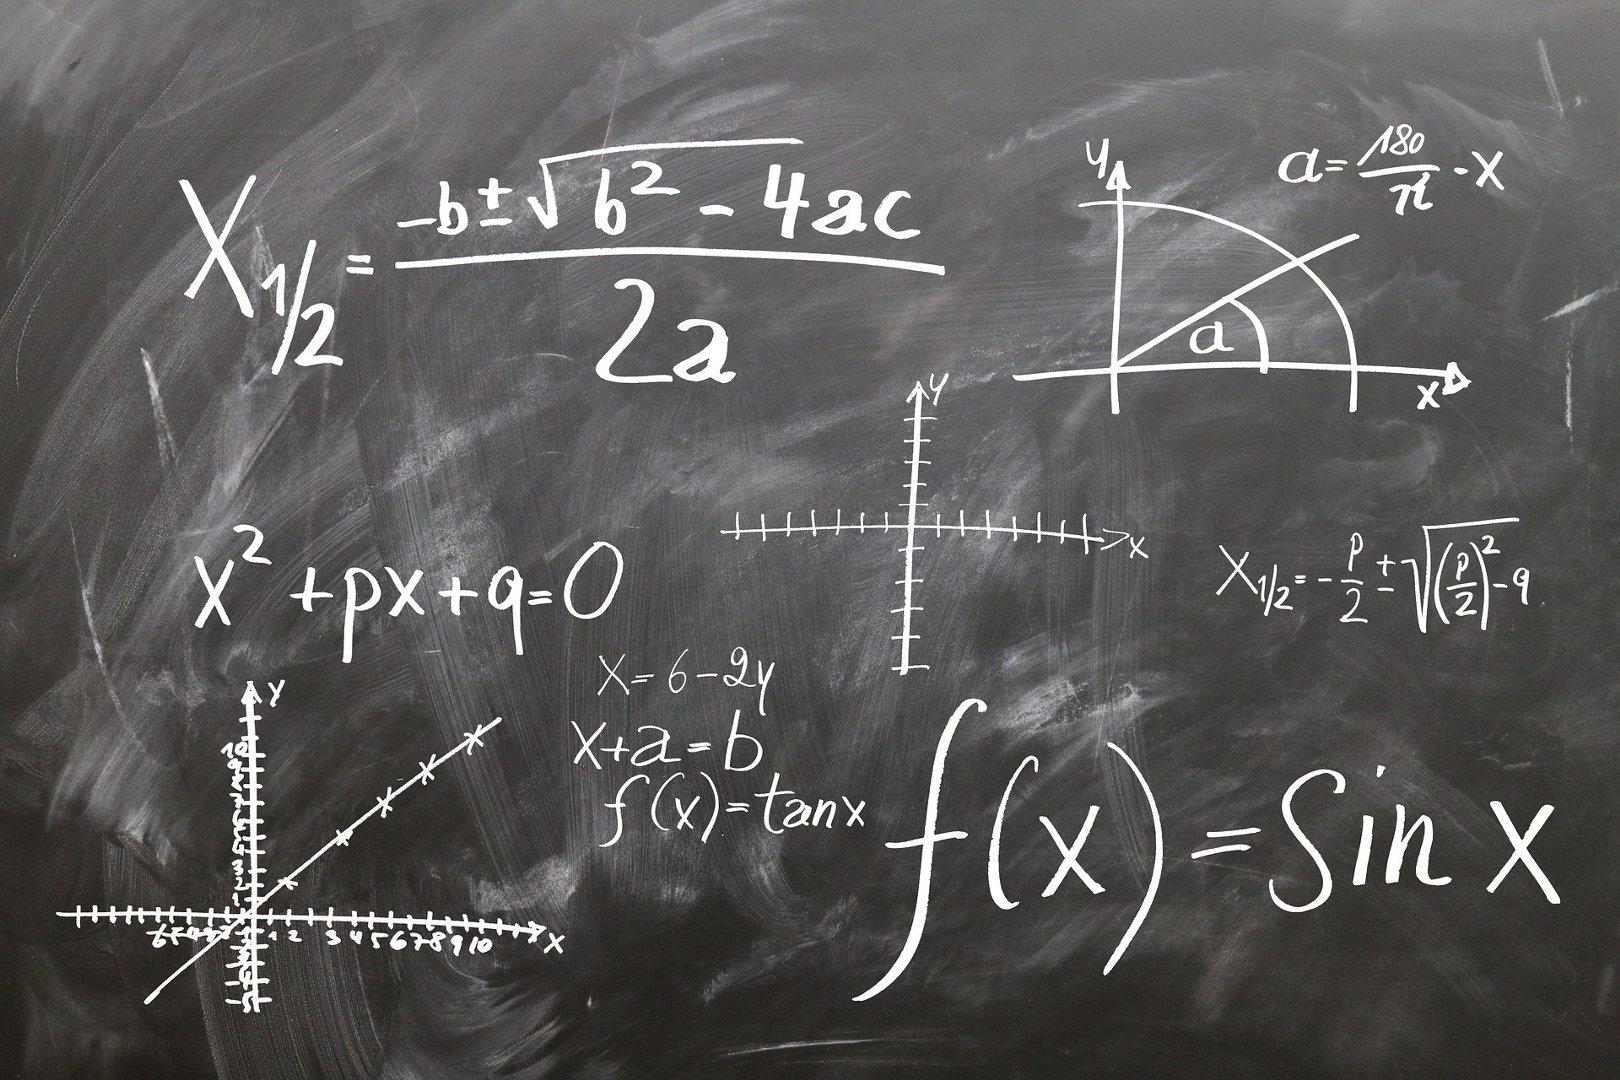 Znalezione obrazy dla zapytania matematyka